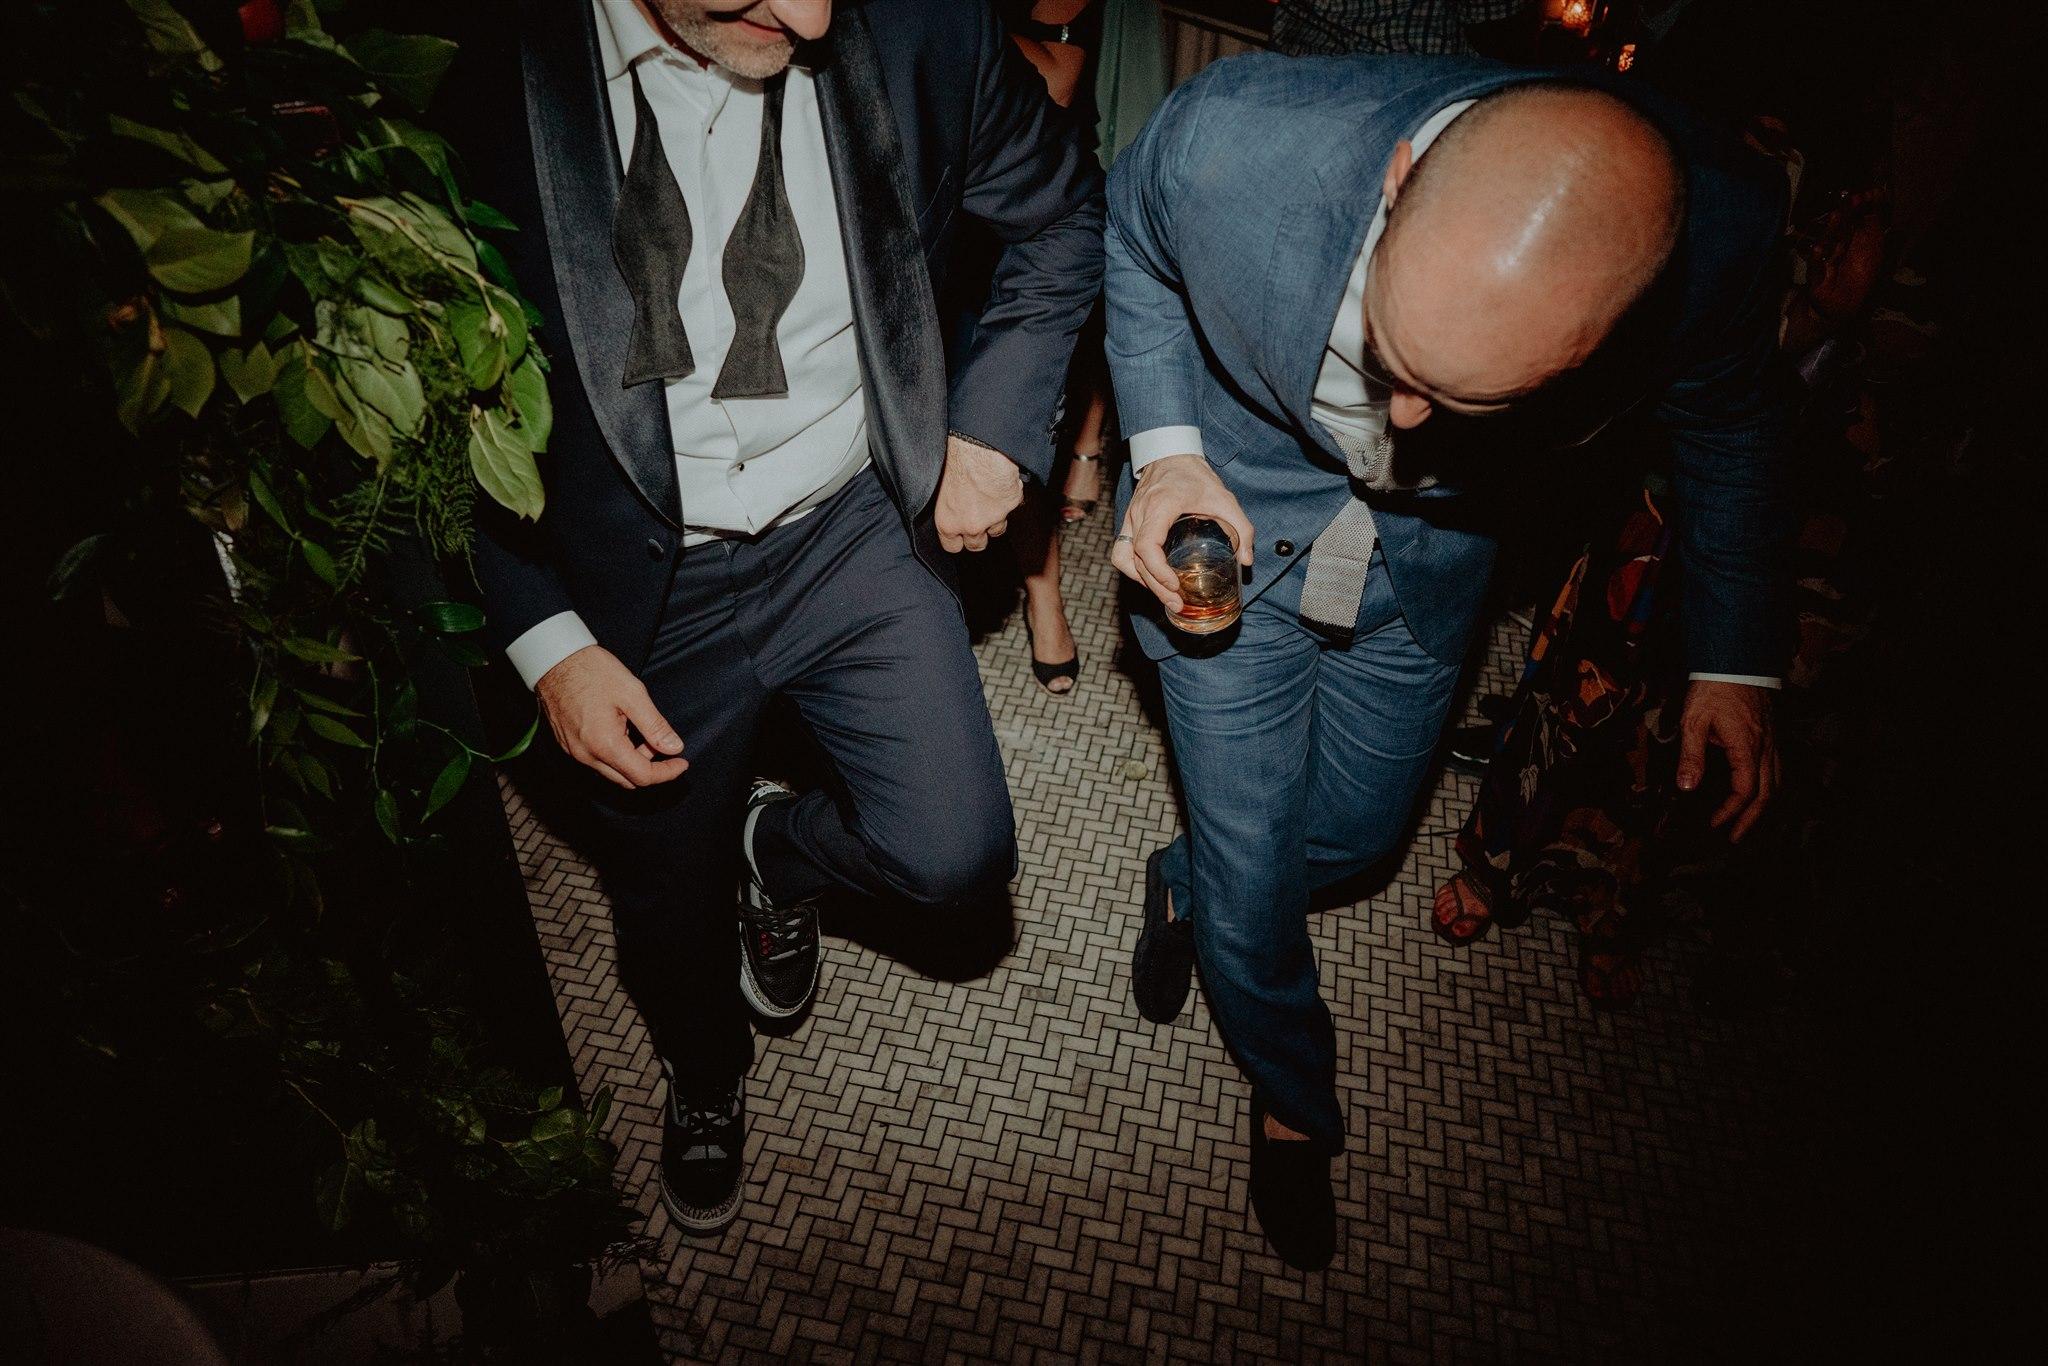 Chellise_Michael_Photography_Ramona_Brooklyn_Wedding_Photographer-860.jpg